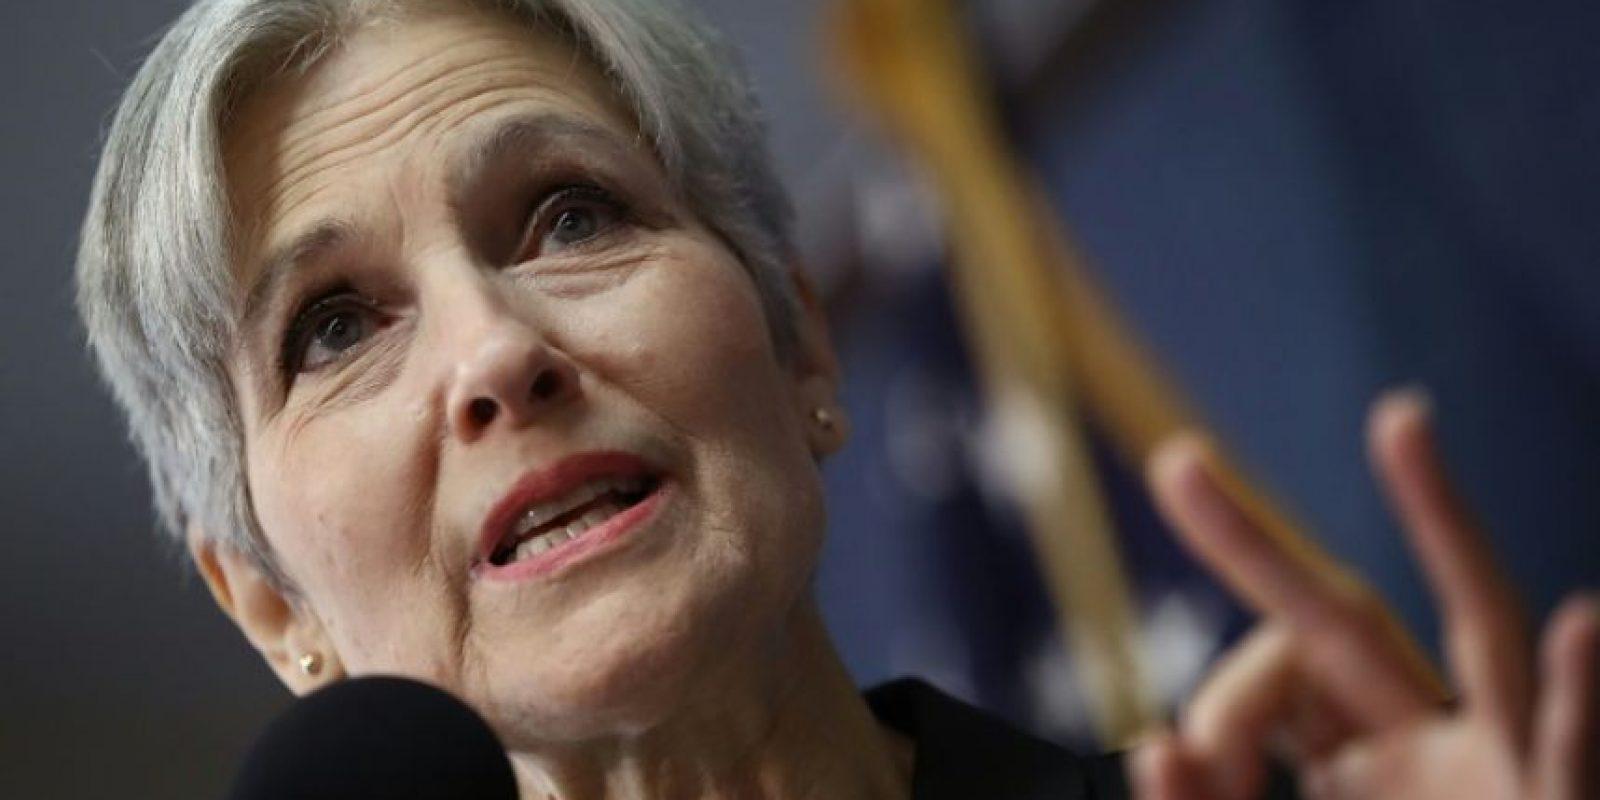 La excandidata presidencial del partido ecologista, Jill Stein, durante una conferencia de prensa en el Club Nacional de la Prensa, en Washington DC, el 23 de agosto de 2016 Foto:Win McNamee/afp.com